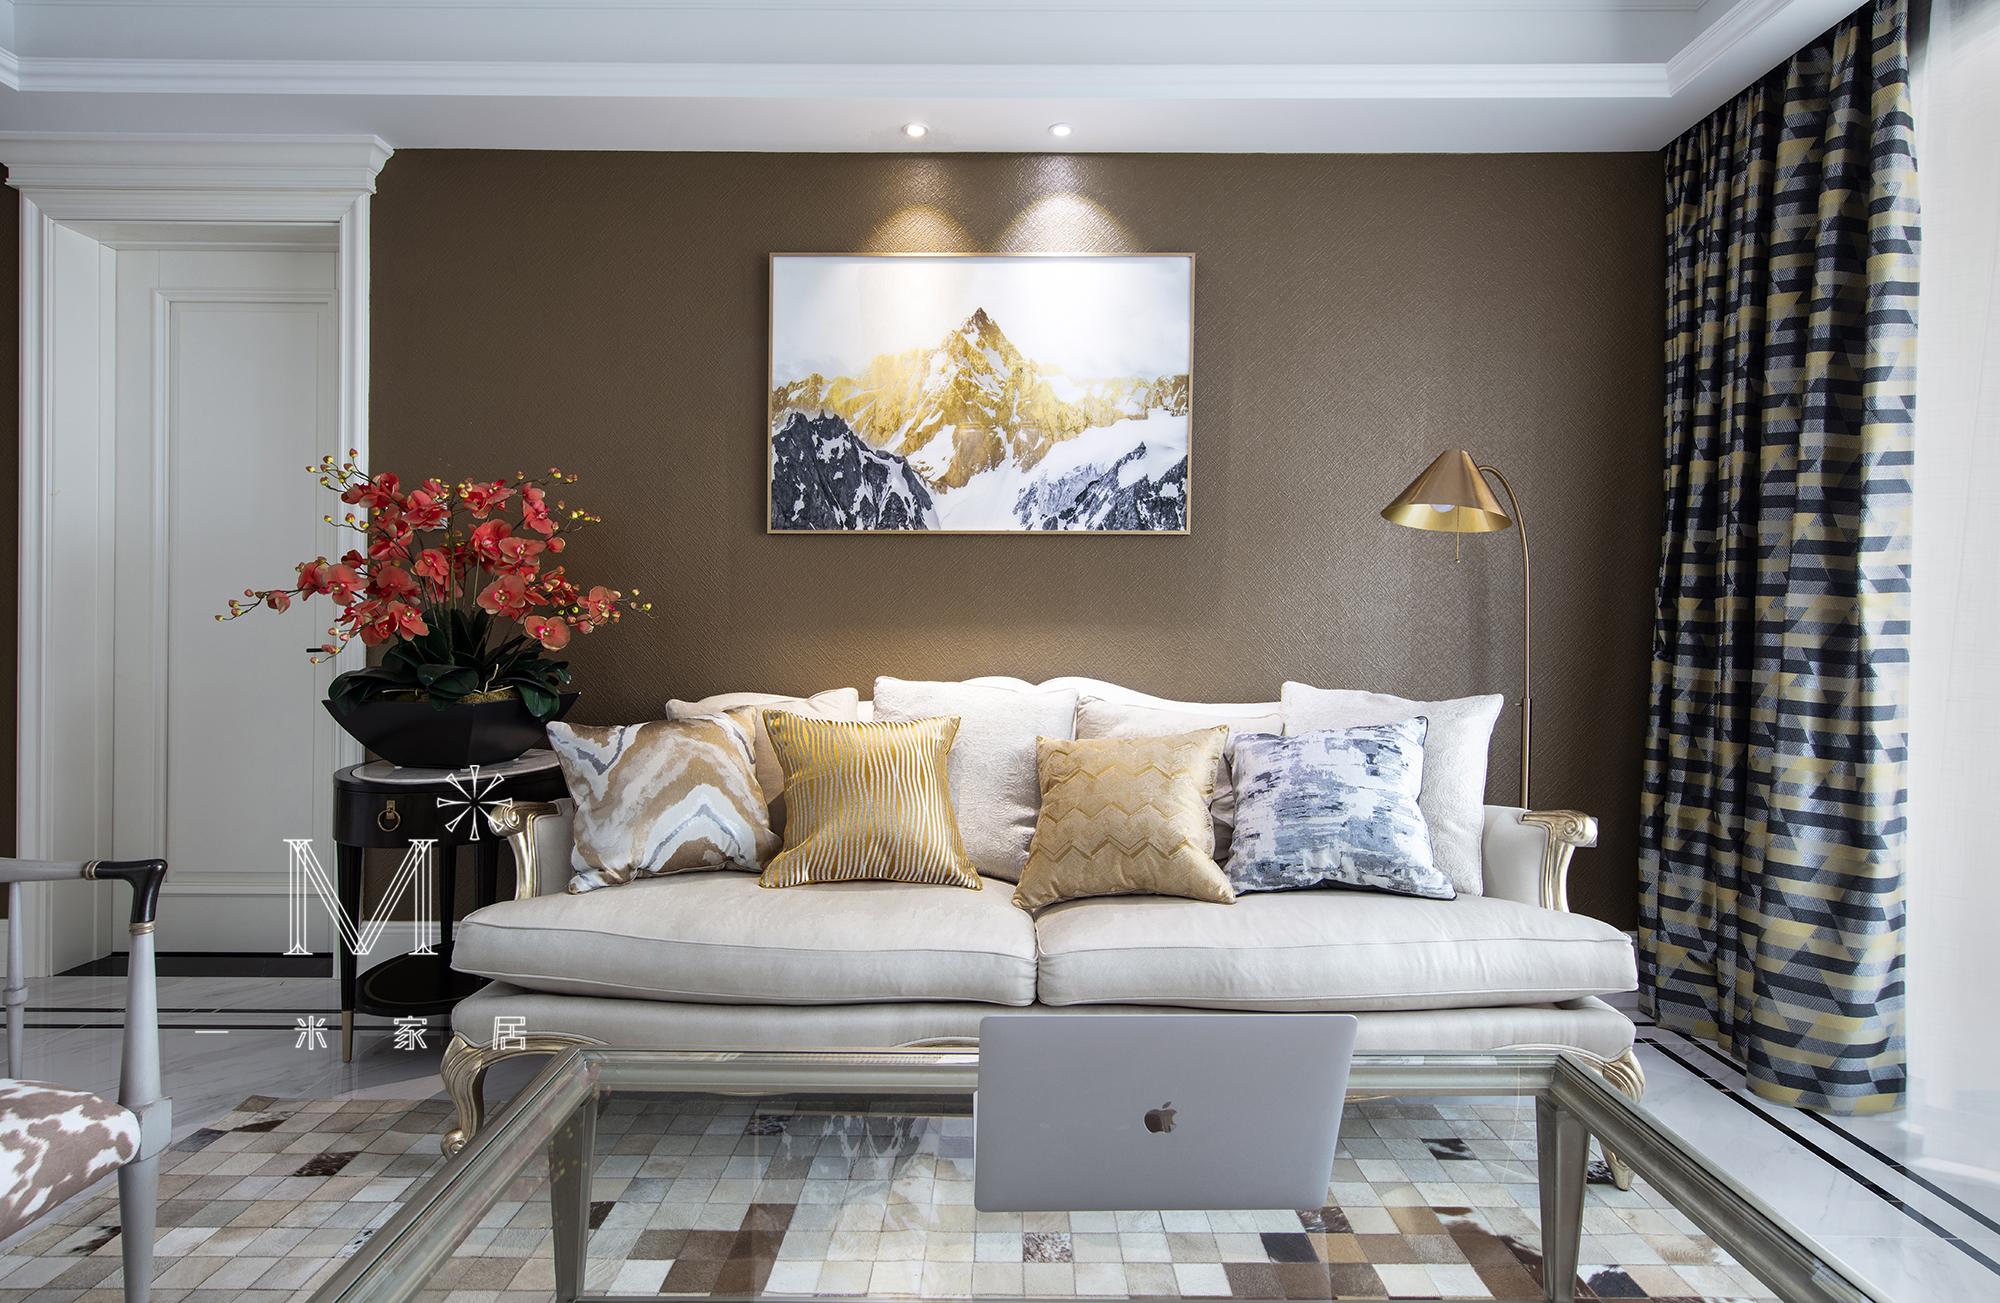 温馨305平美式复式布置图客厅美式经典客厅设计图片赏析